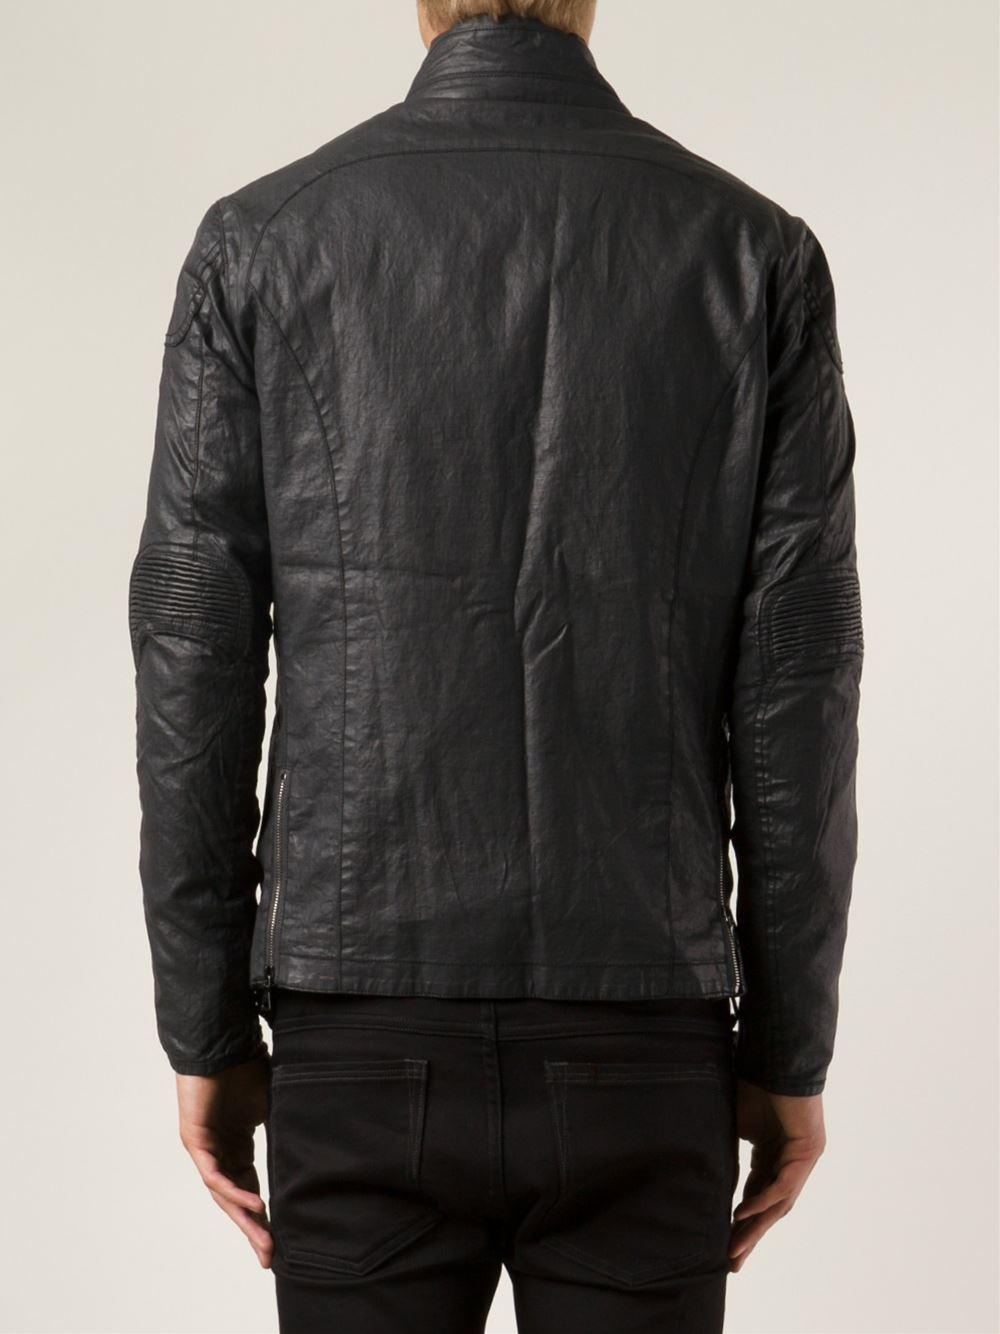 John Varvatos Button Up Jacket in Black for Men